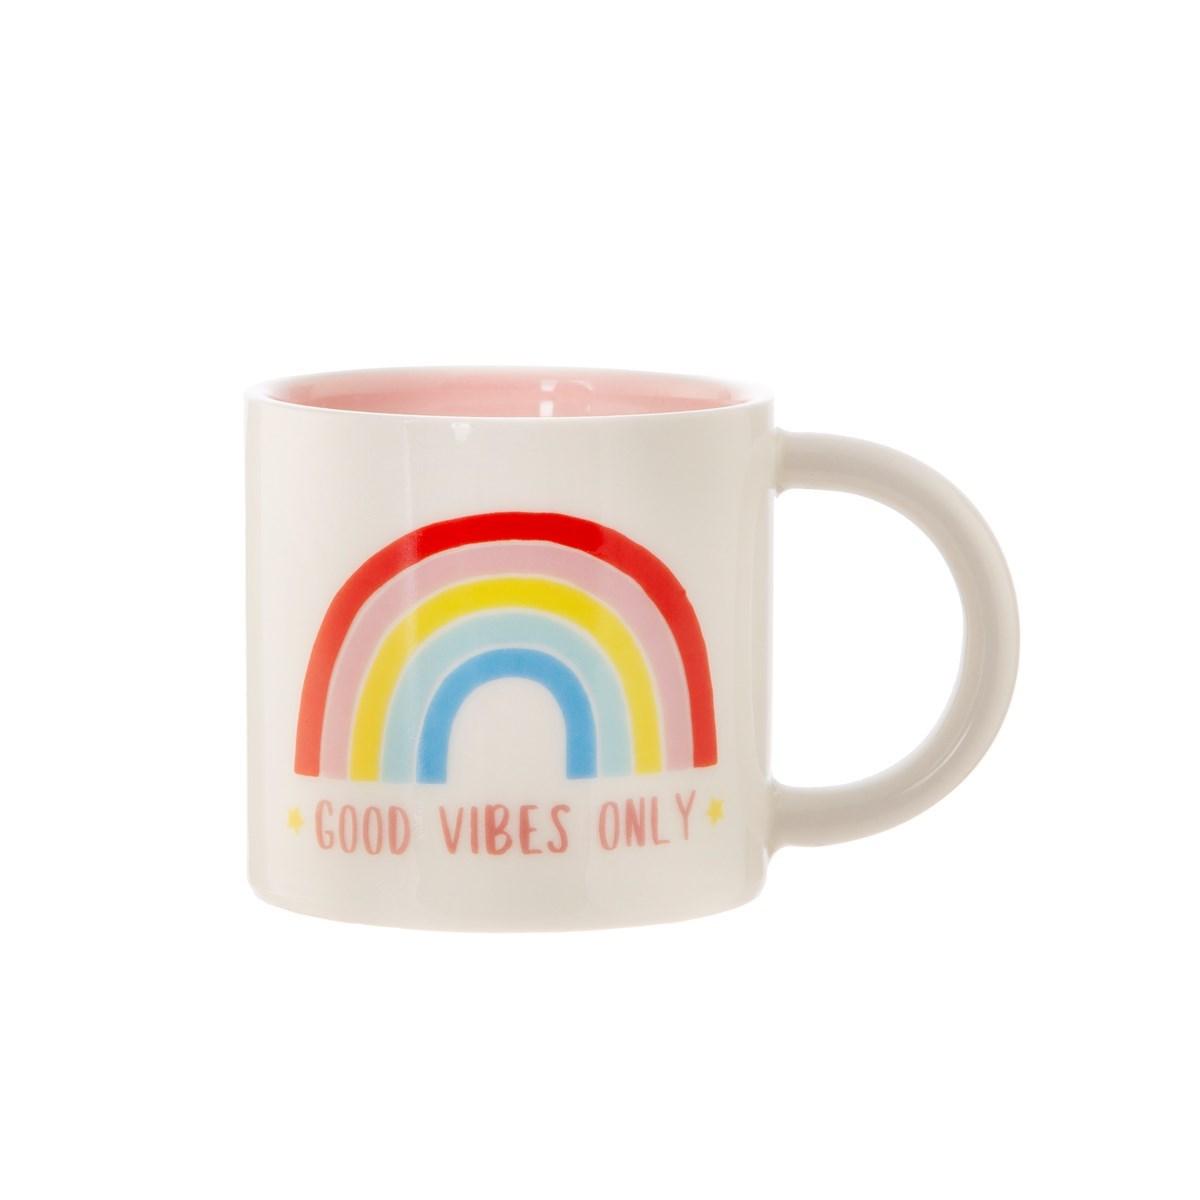 Hrnek Chasing Rainbows Good Vibes Only_1